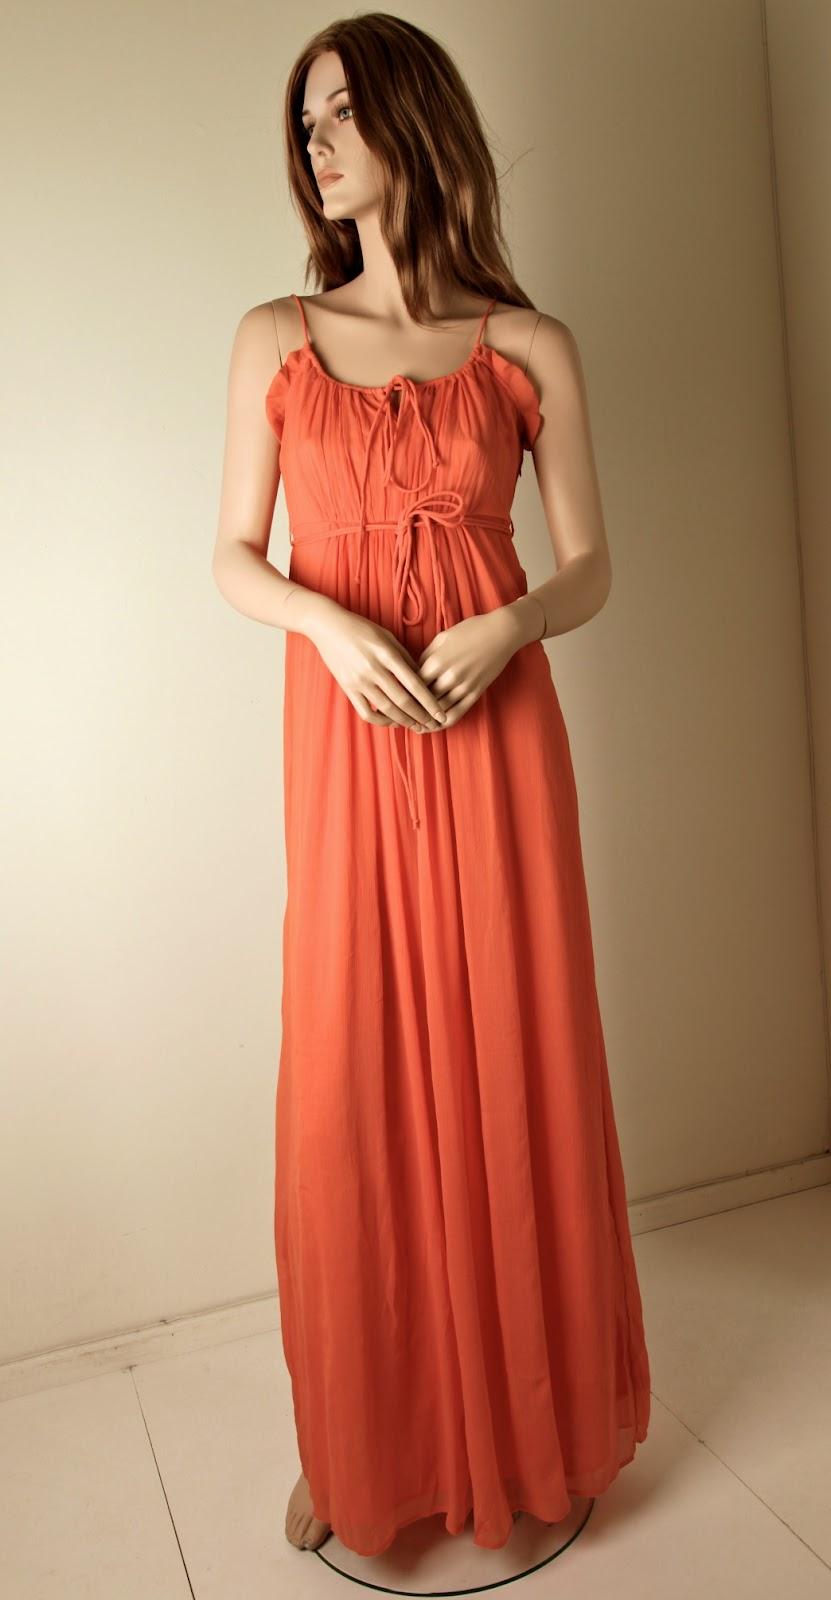 20a779d4f318 För klädkod Frack föreslår Amelia just denna klänning, Cinderell Dress från  VILA! Den har nu kommit till Printzess!